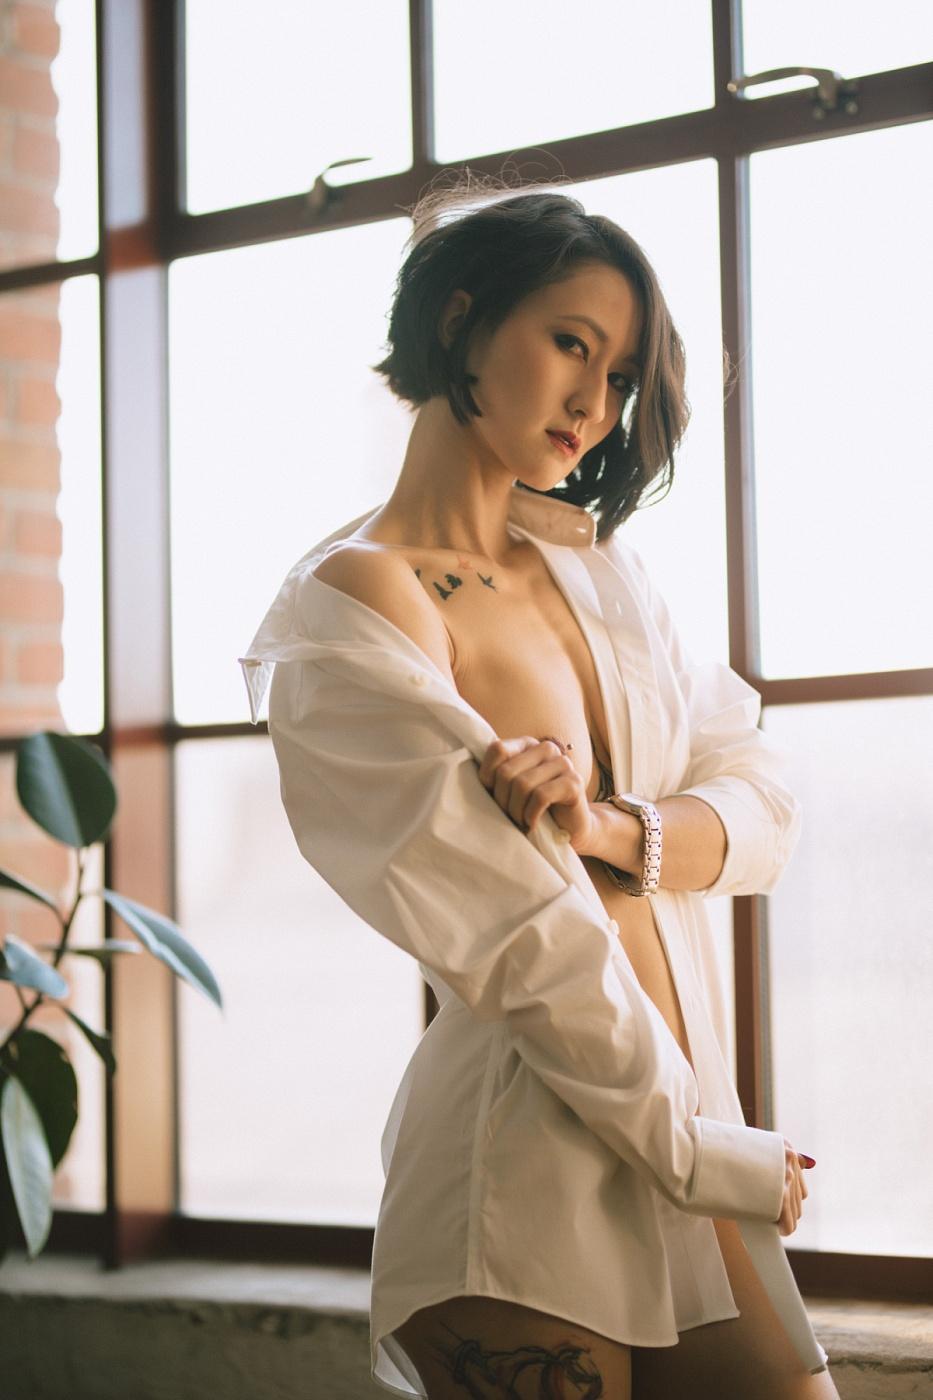 Wren Inoue